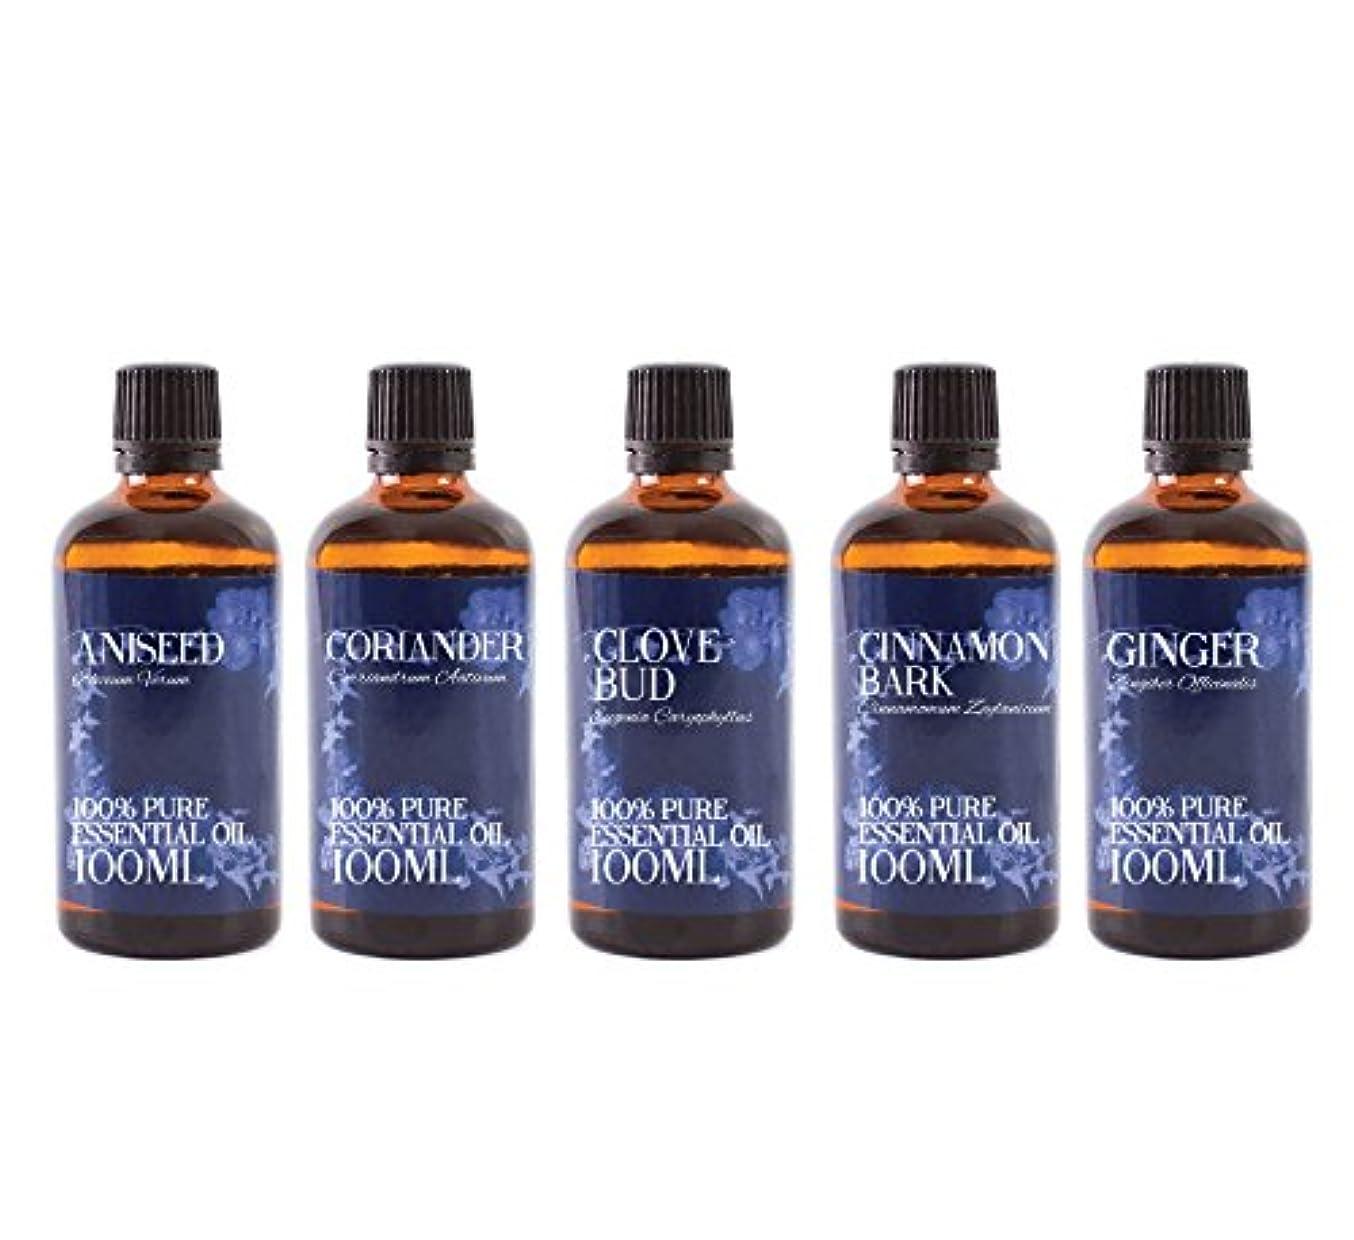 適用するレビュー一部Mystic Moments | Gift Starter Pack of 5 x 100ml Spice Essential Oils